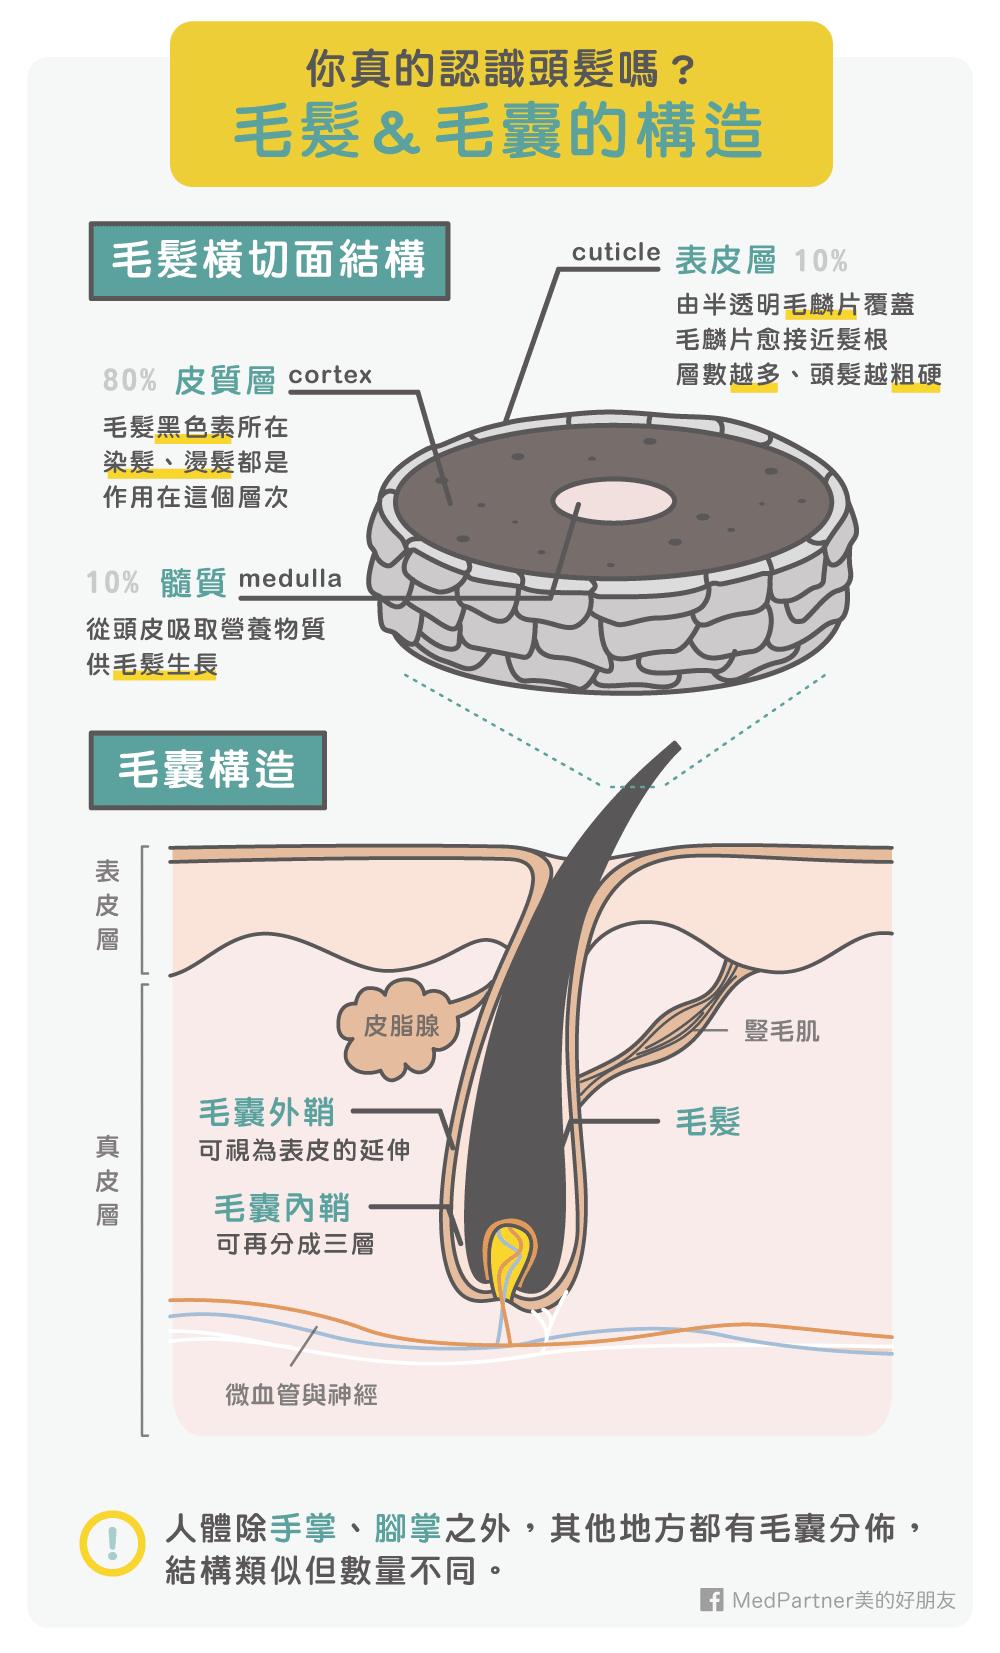 毛髮以及毛囊的構造